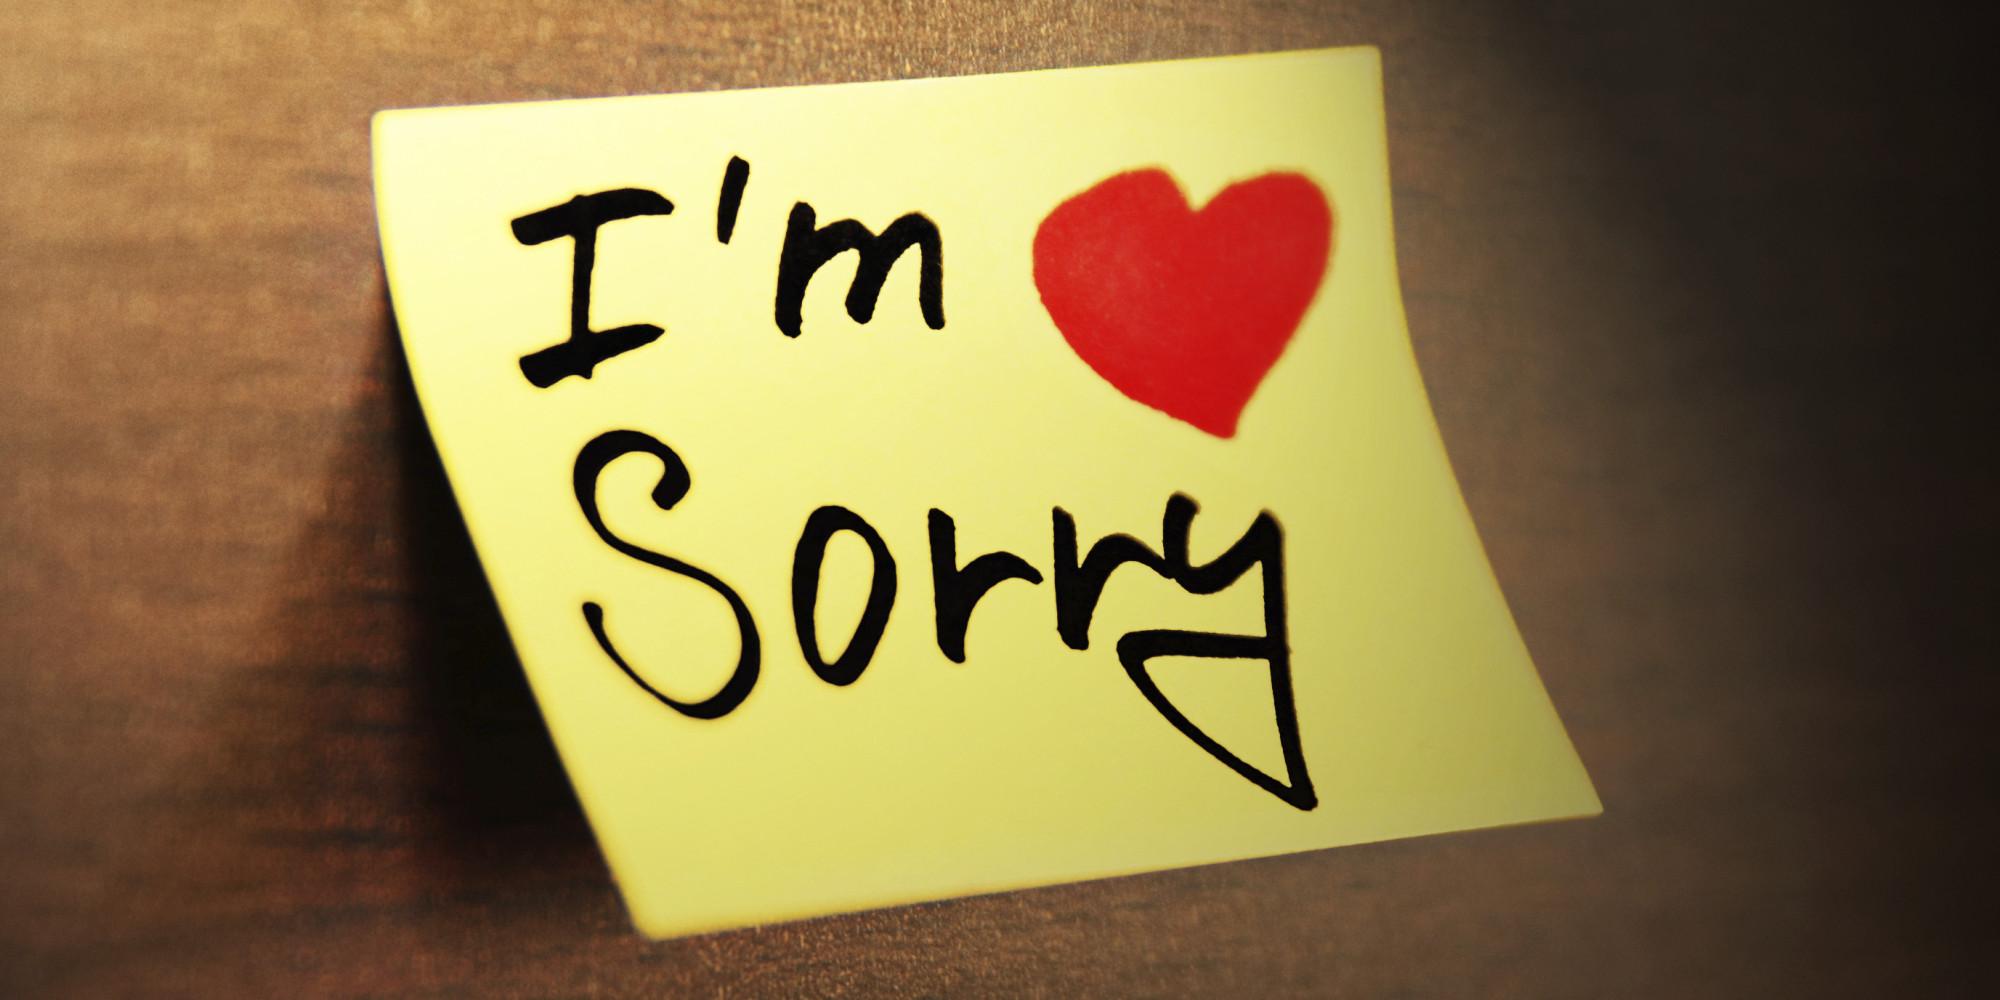 صور كلمات اعتذار واسف , صور جميلة للاعتذار والاسف